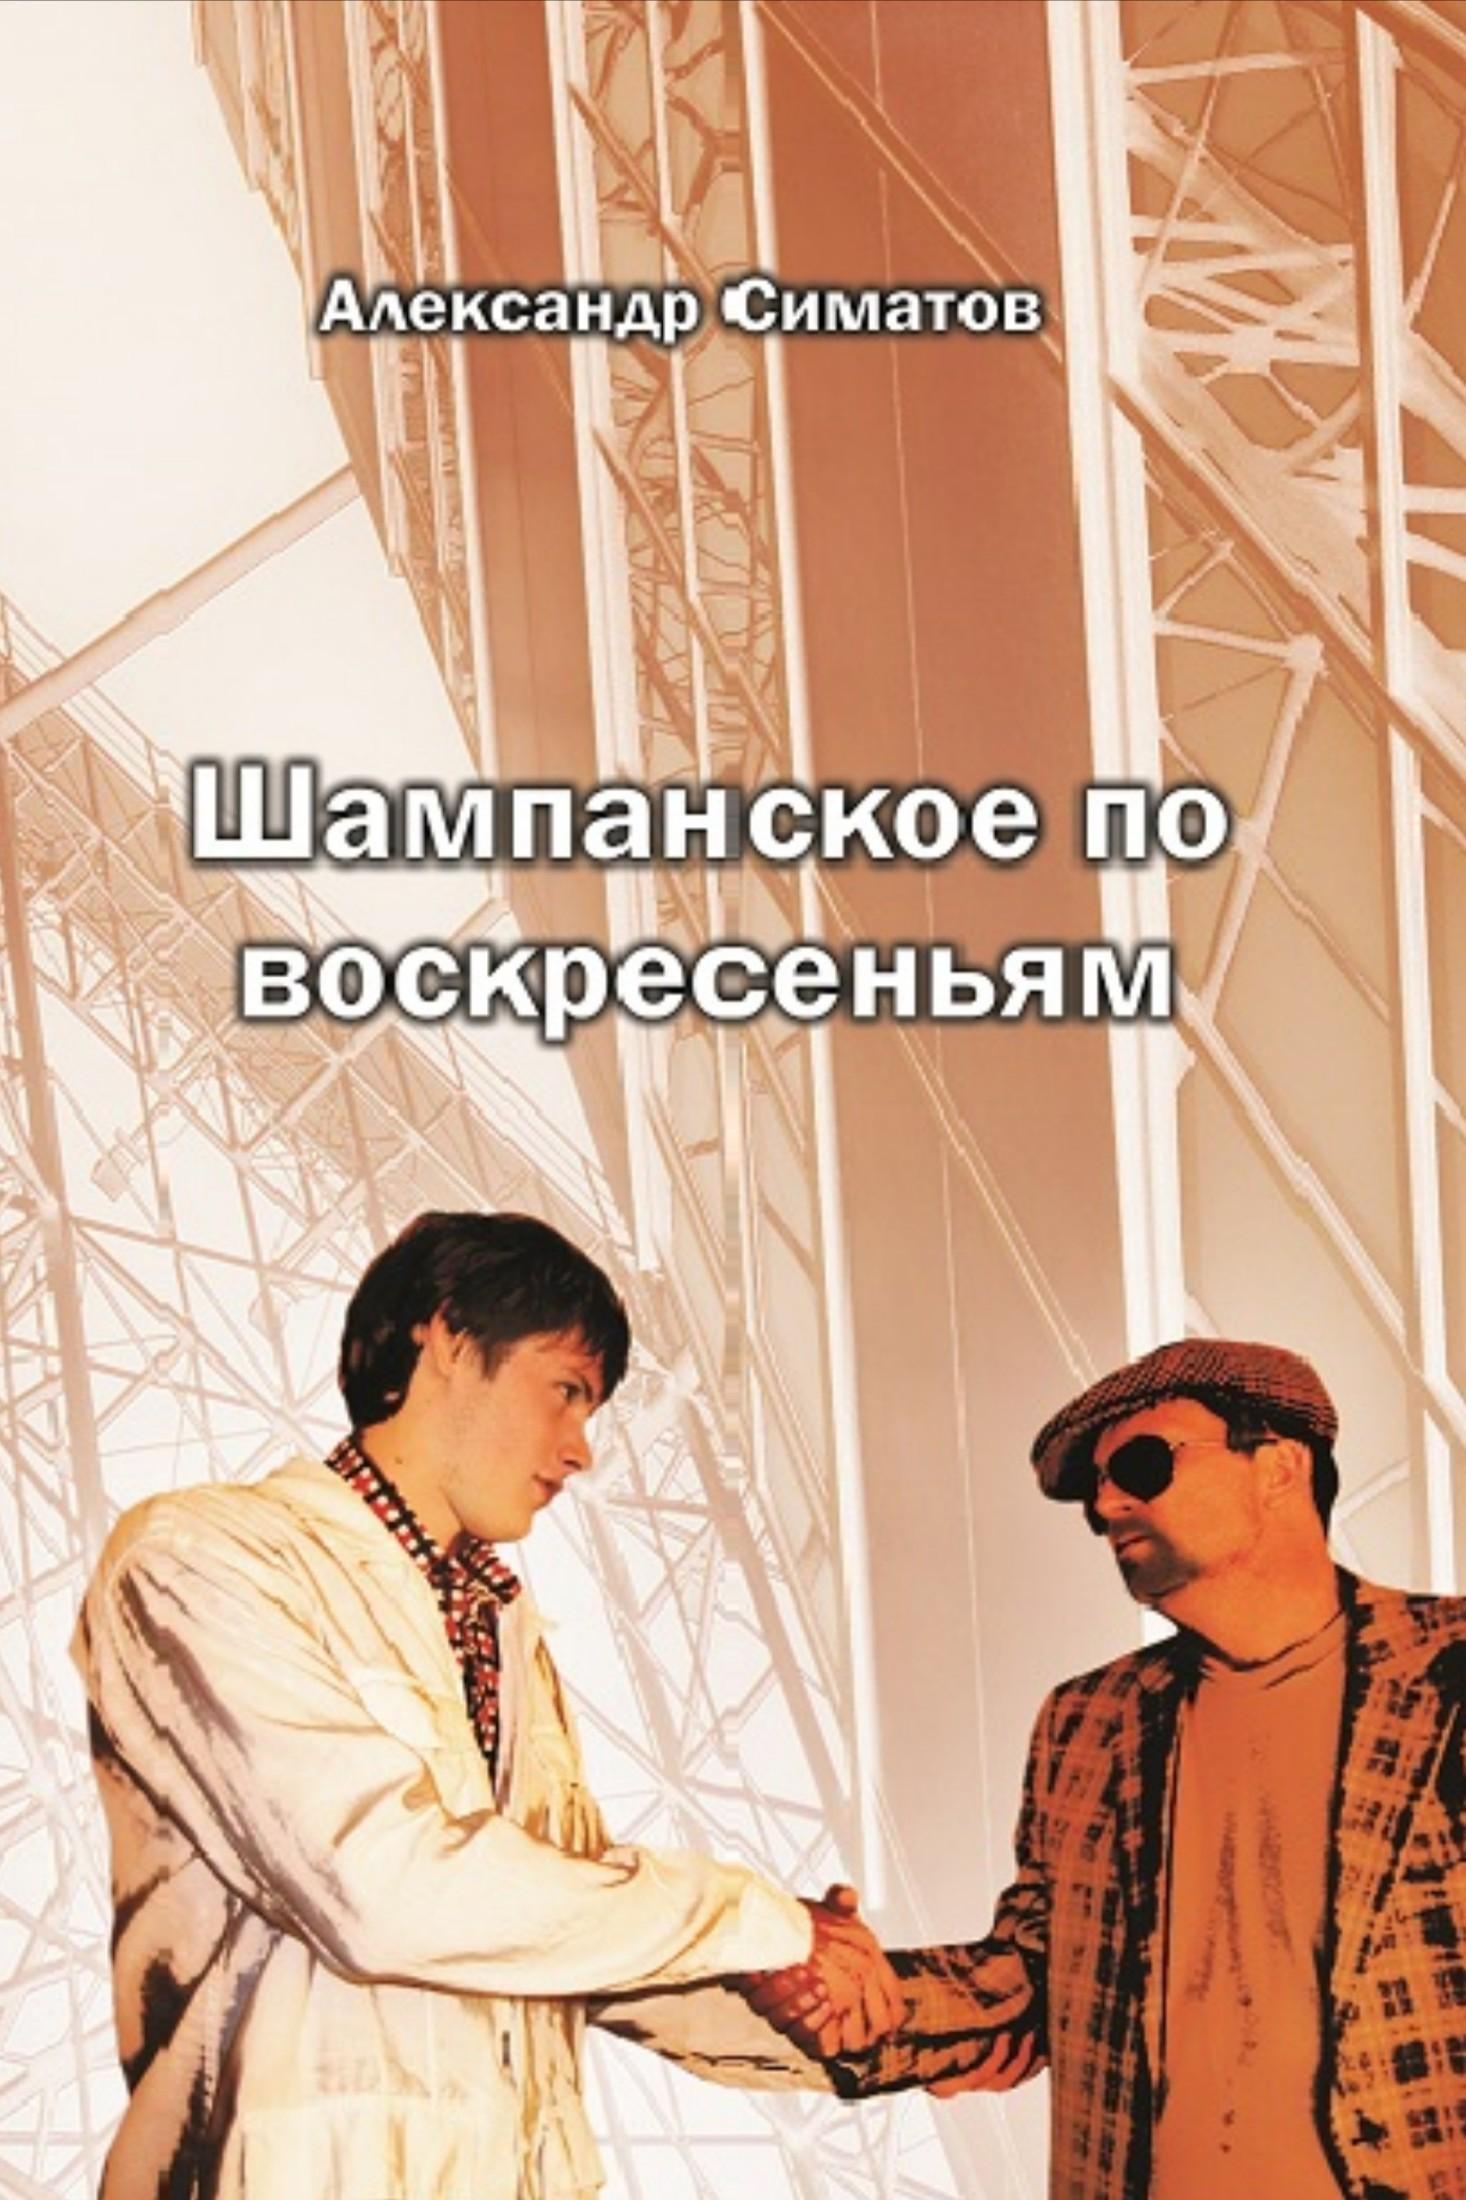 Александр Симатов «Шампанское по воскресеньям»